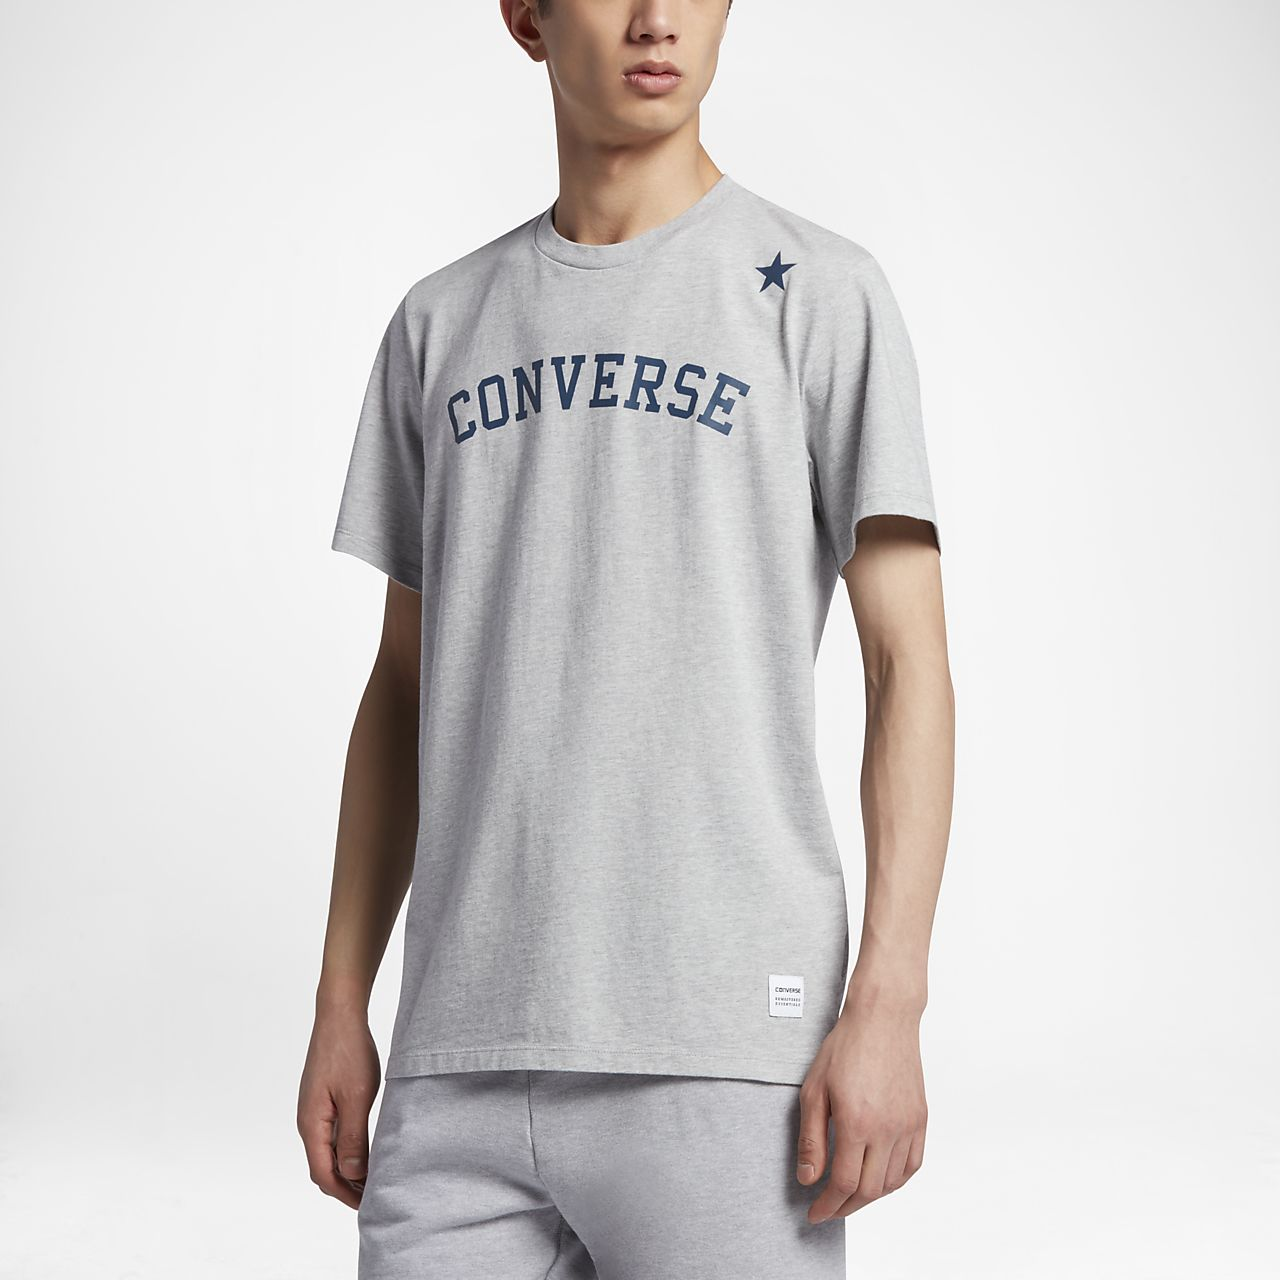 converse t shirt